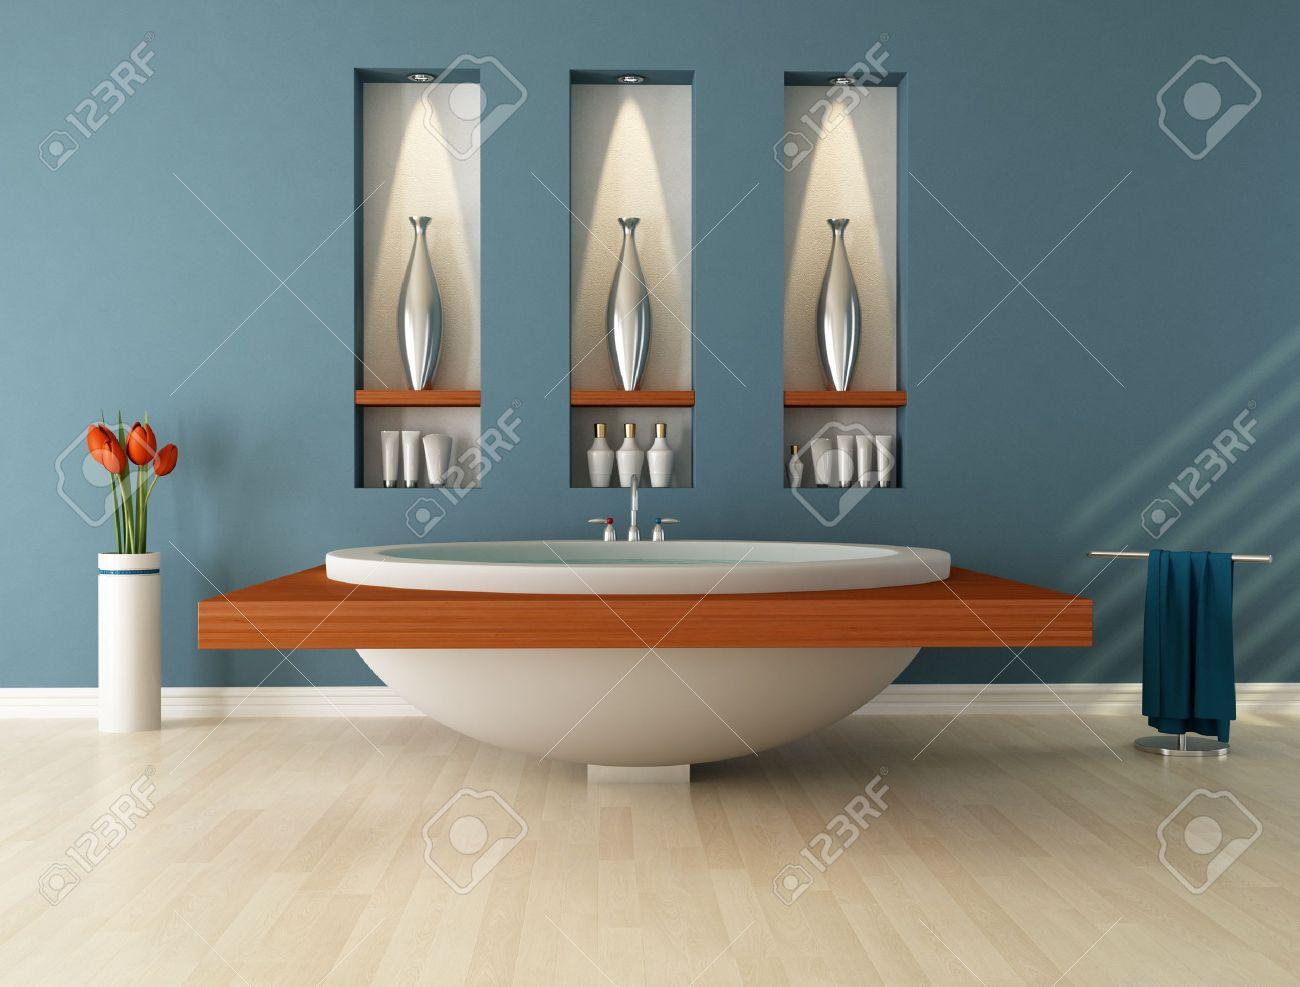 Modernes Bad Wih Kreisförmige Badewanne Und Nischen - Rendering ... Nischen Im Badezimmer